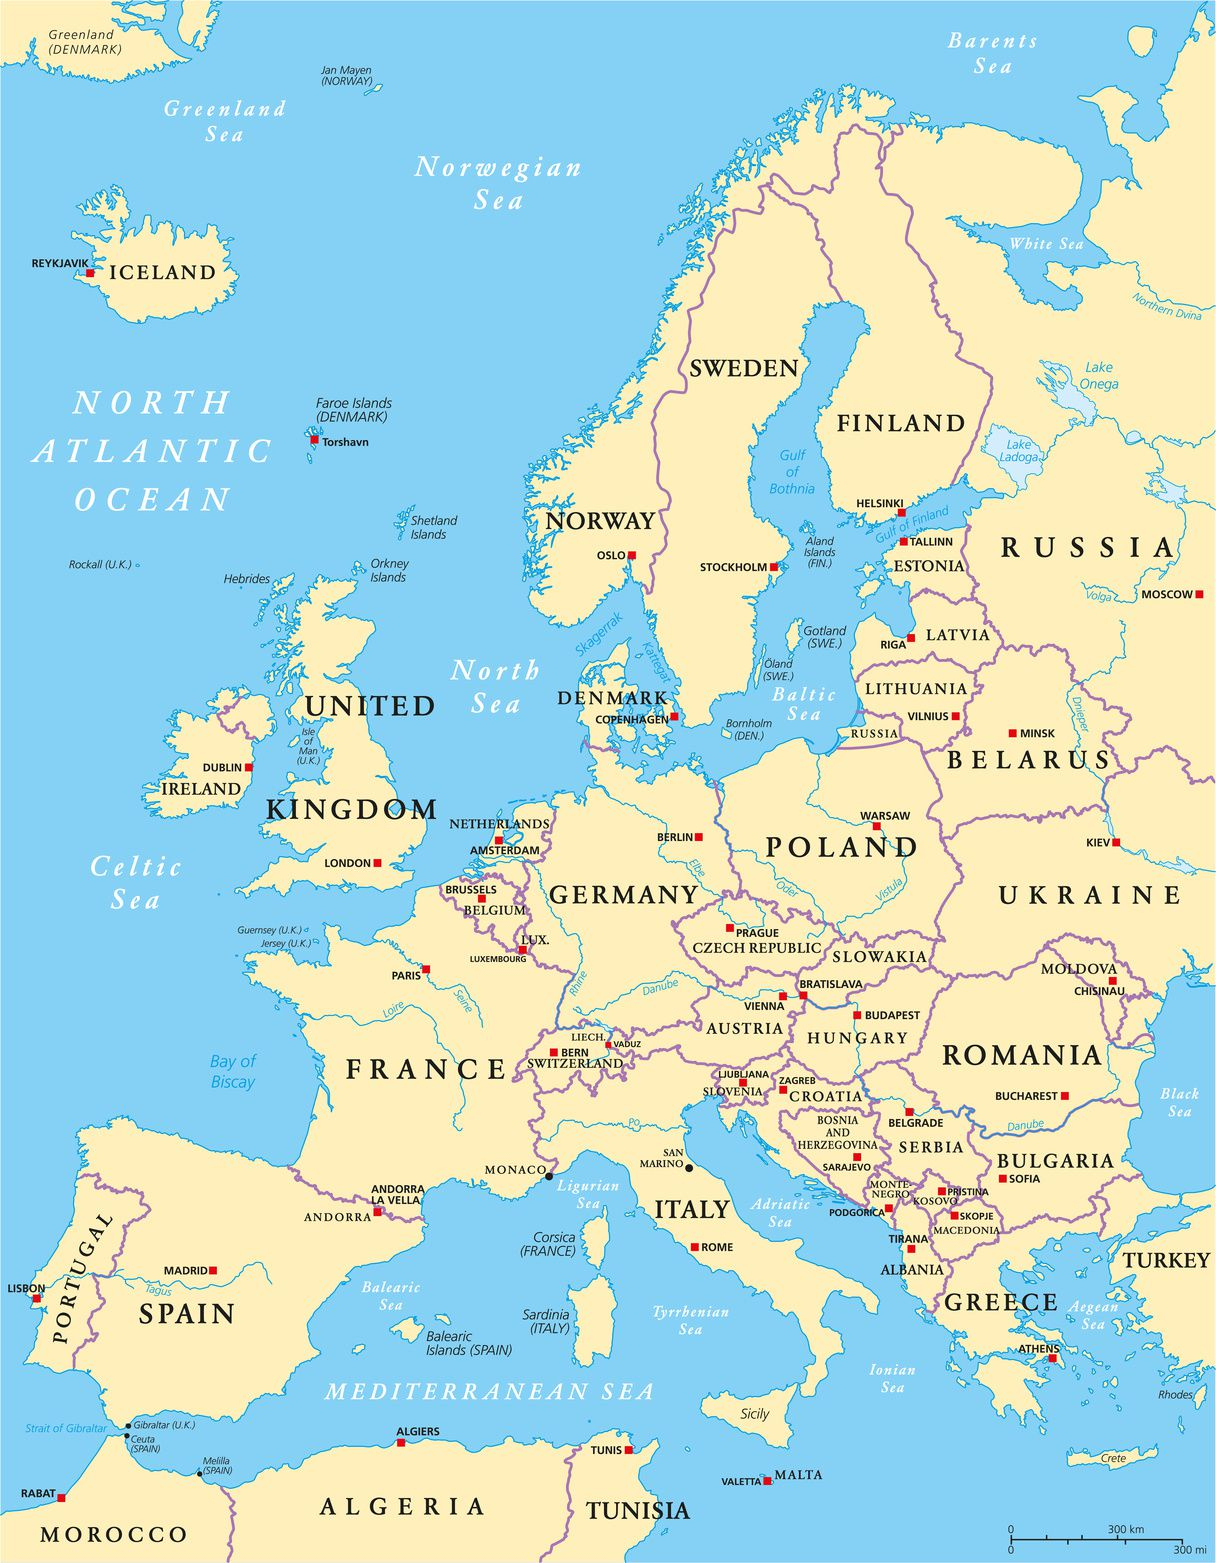 Carte De L'europe - Cartes Reliefs, Villes, Pays, Euro, Ue concernant Carte Europe De L Est